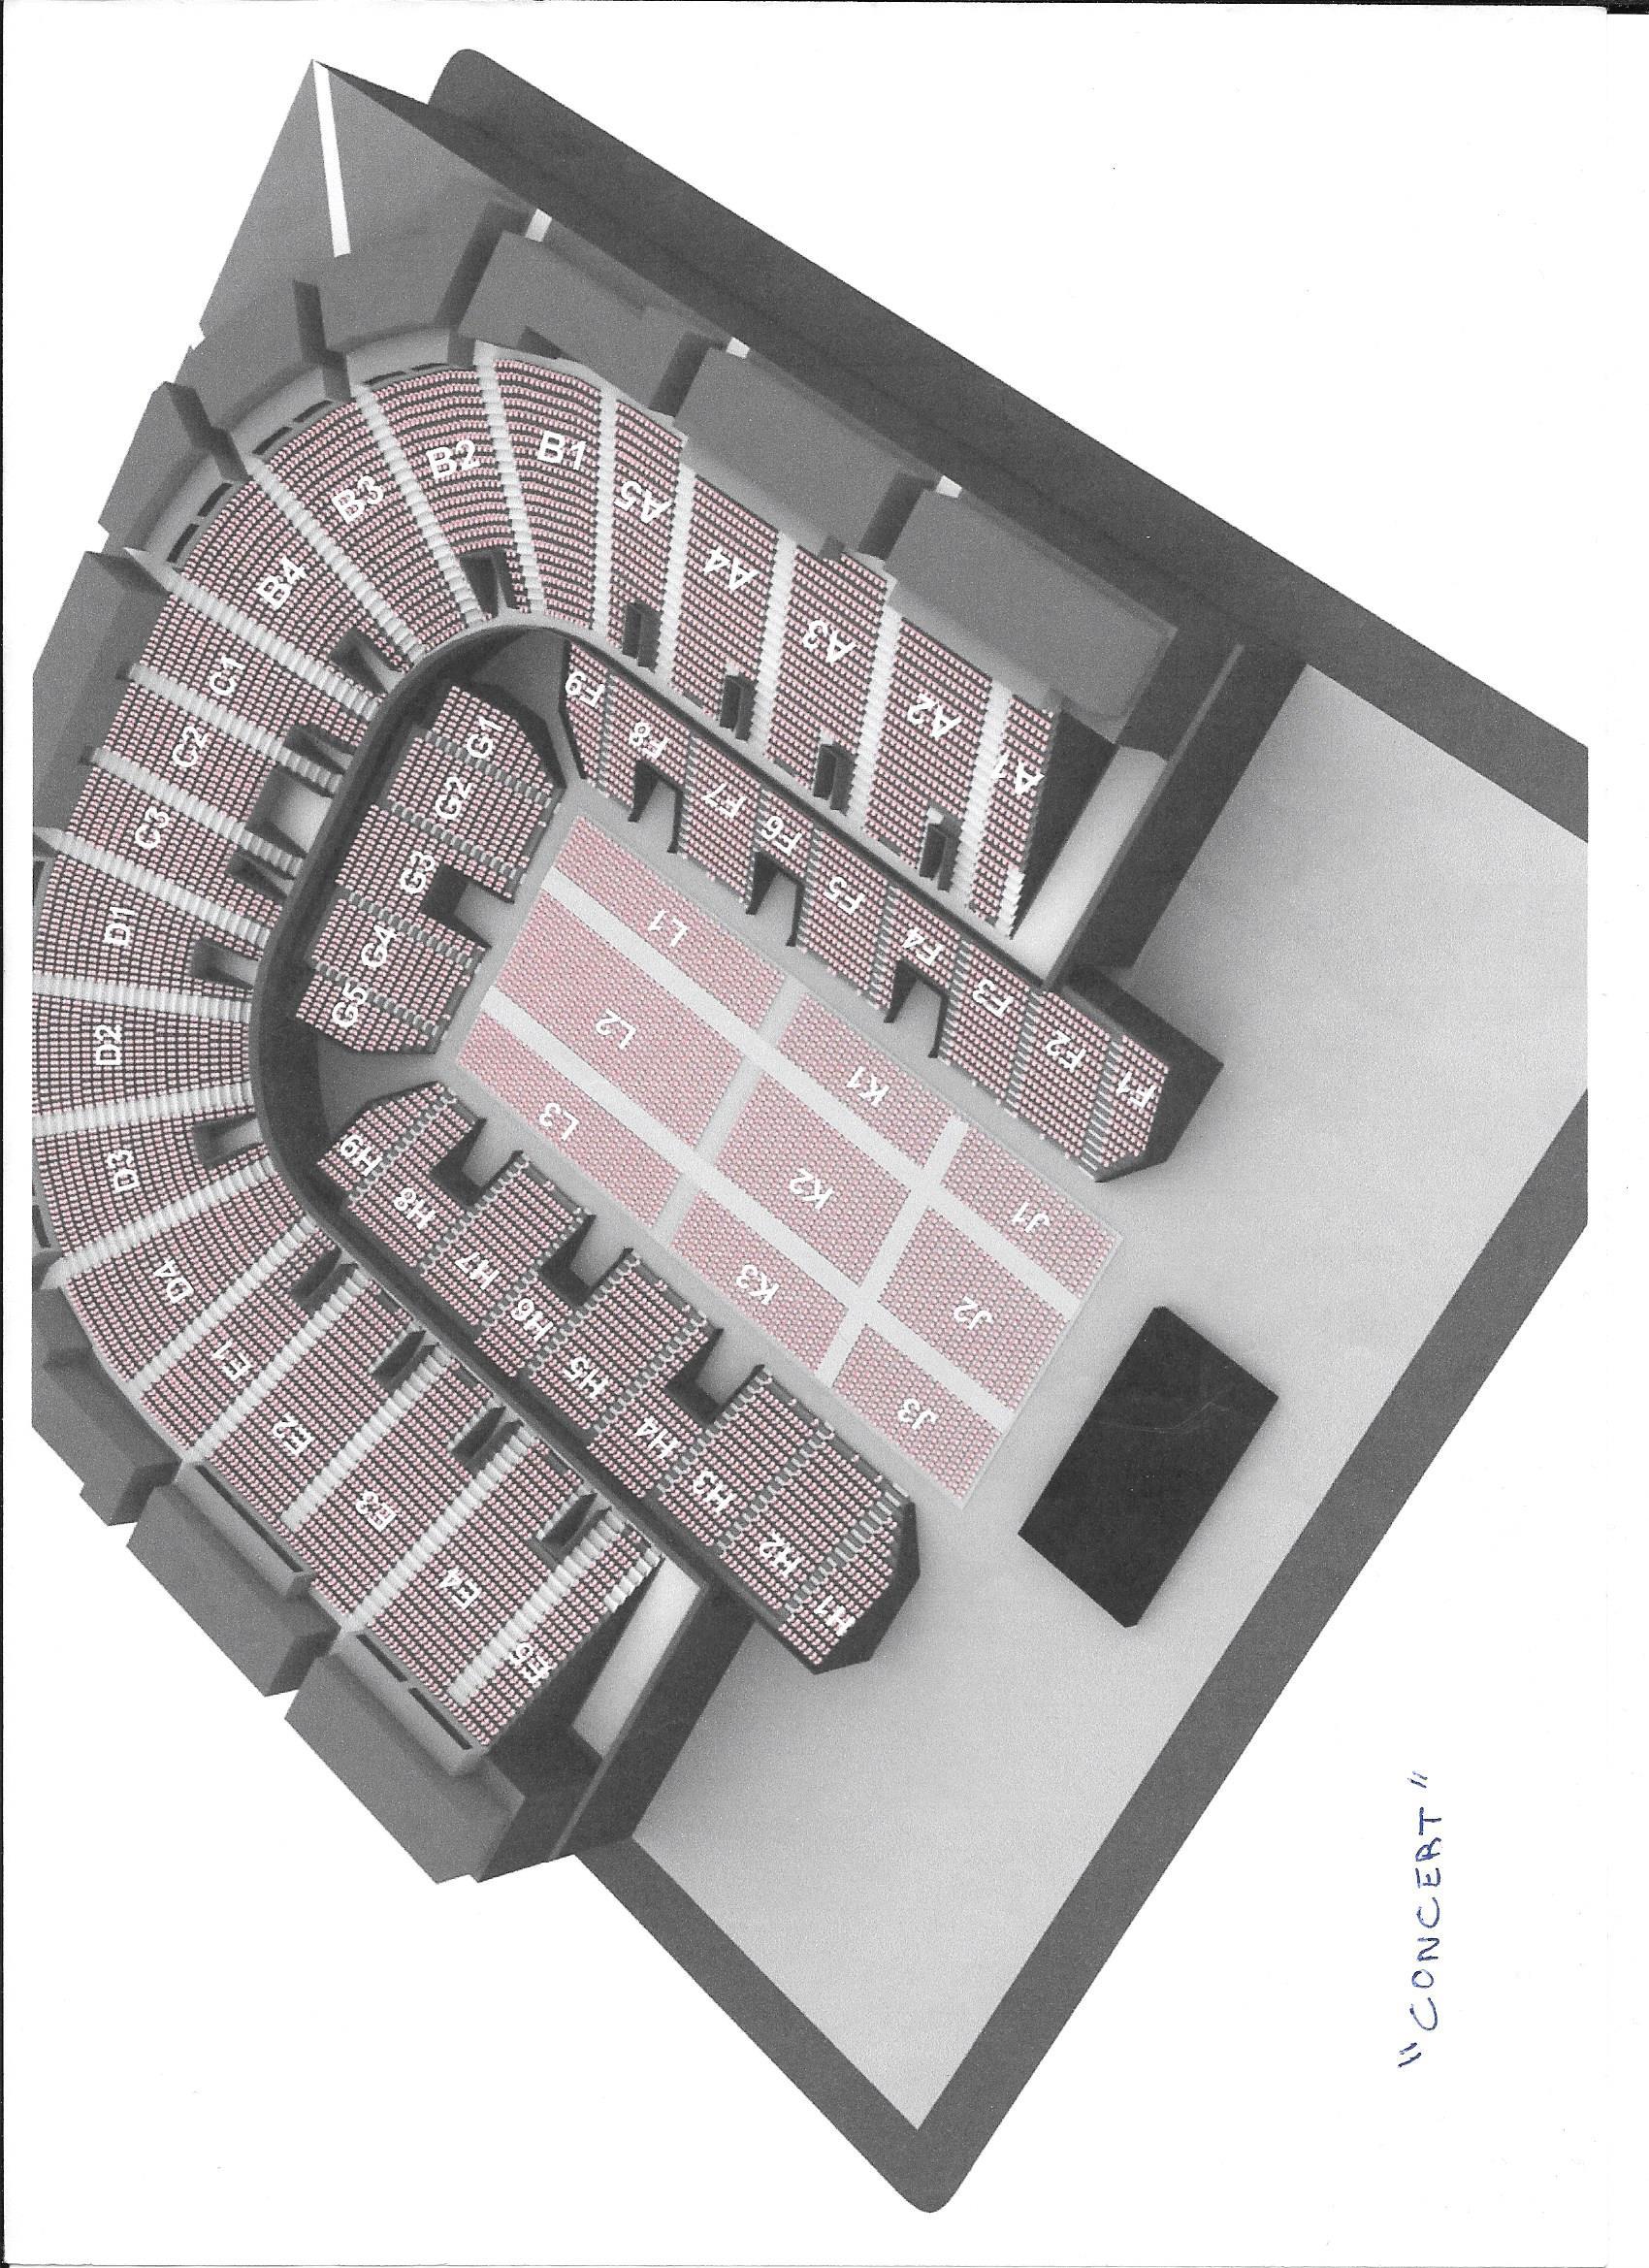 La salle : Sud de France Arena Plan_d12